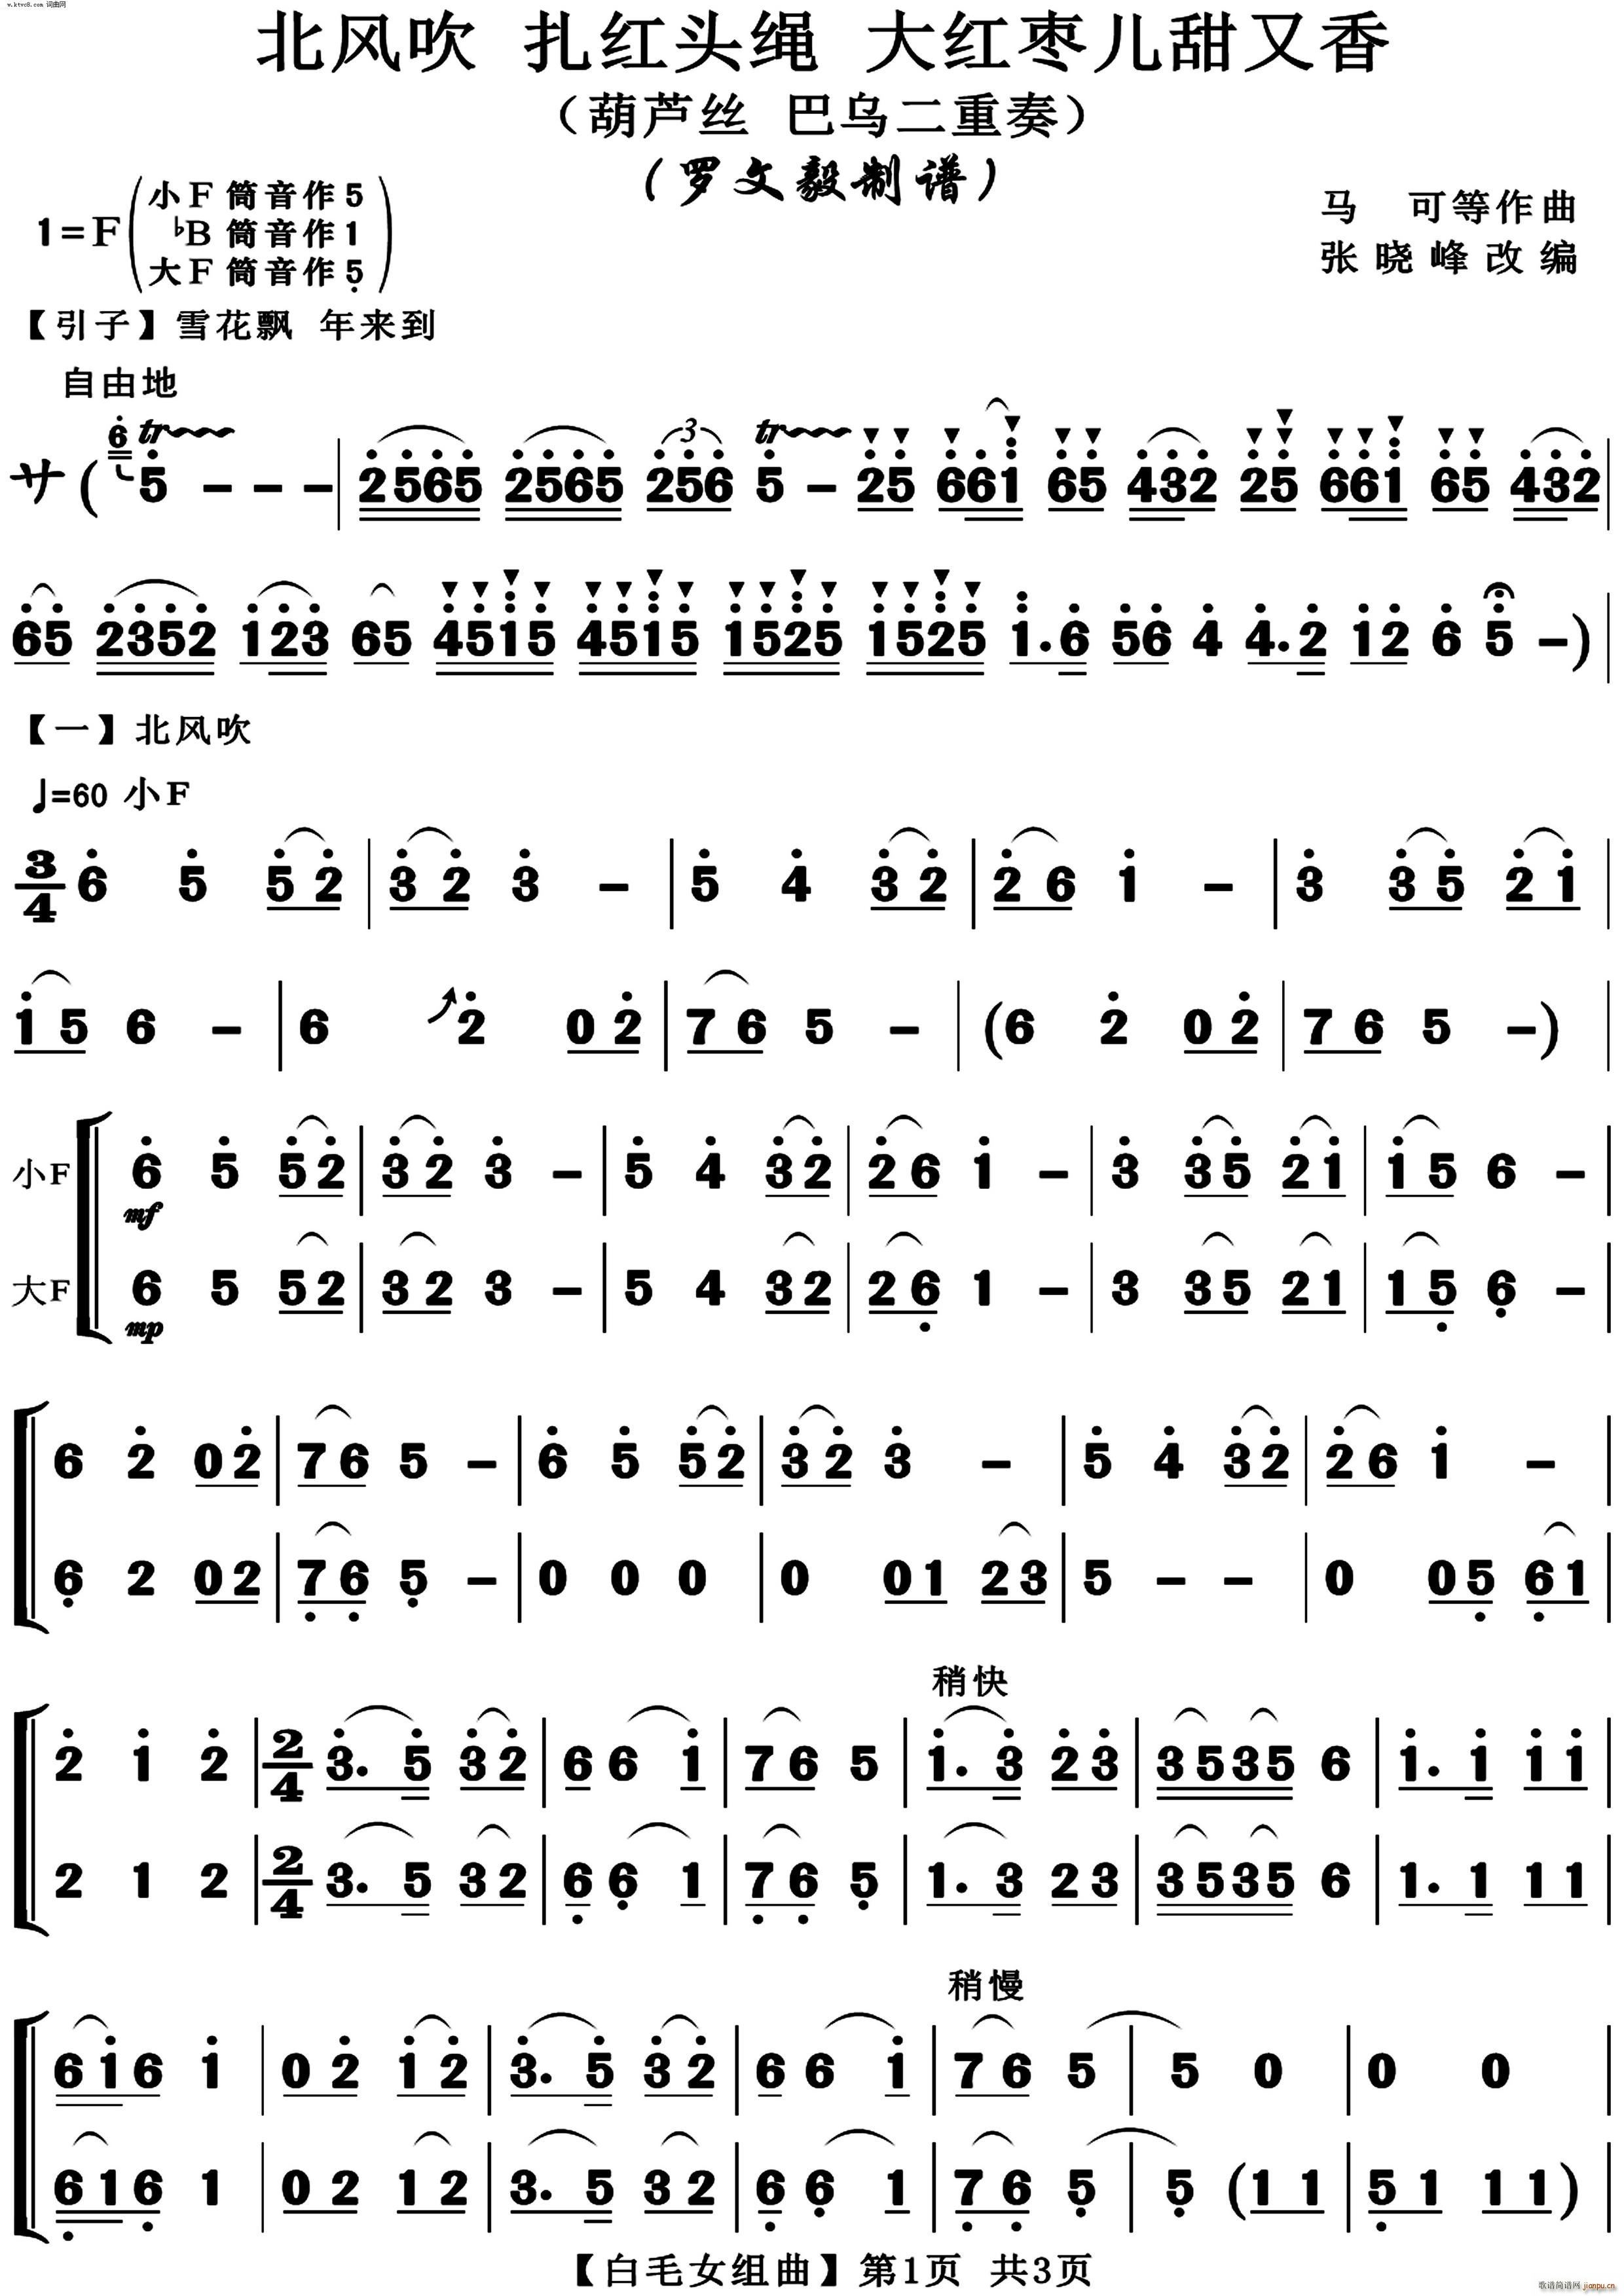 白毛女选曲 葫芦丝 巴乌二重奏(葫芦丝谱)1